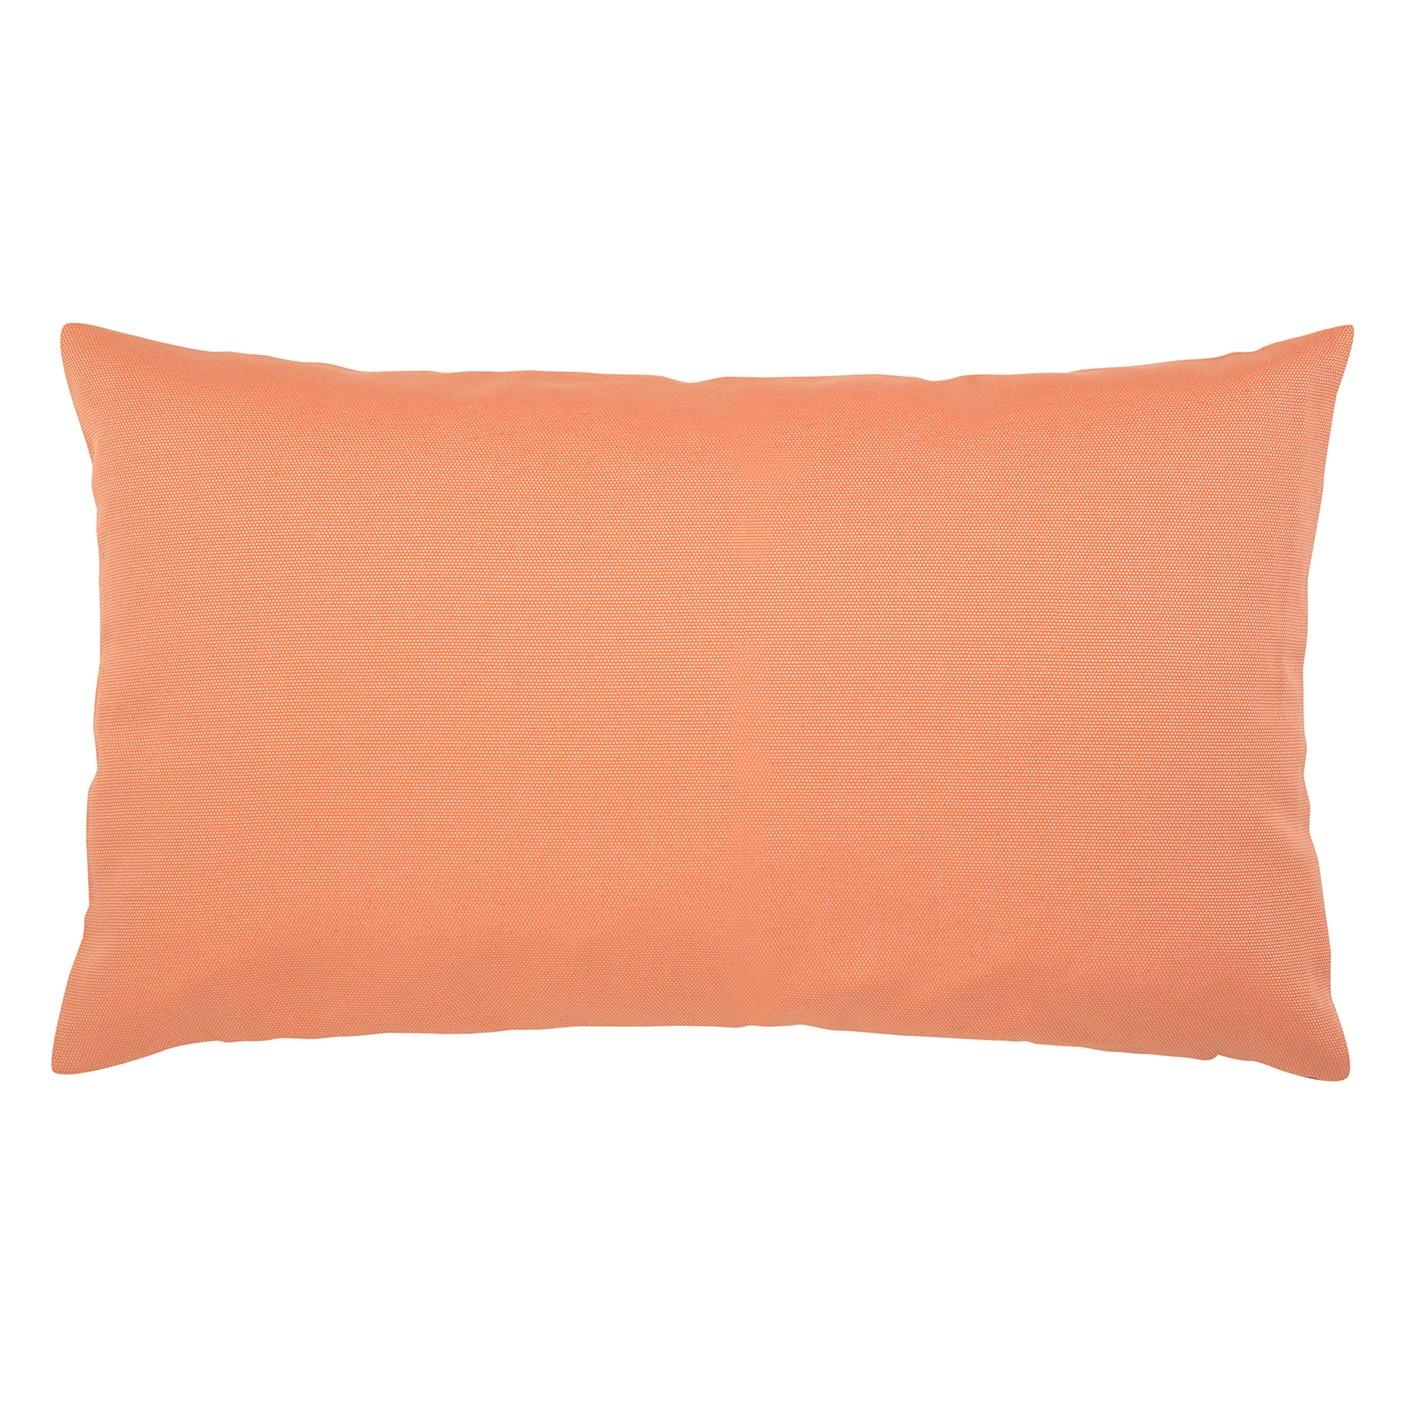 Kissen Juno - Baumwollmischgewebe - Orange - 30 x 50 cm